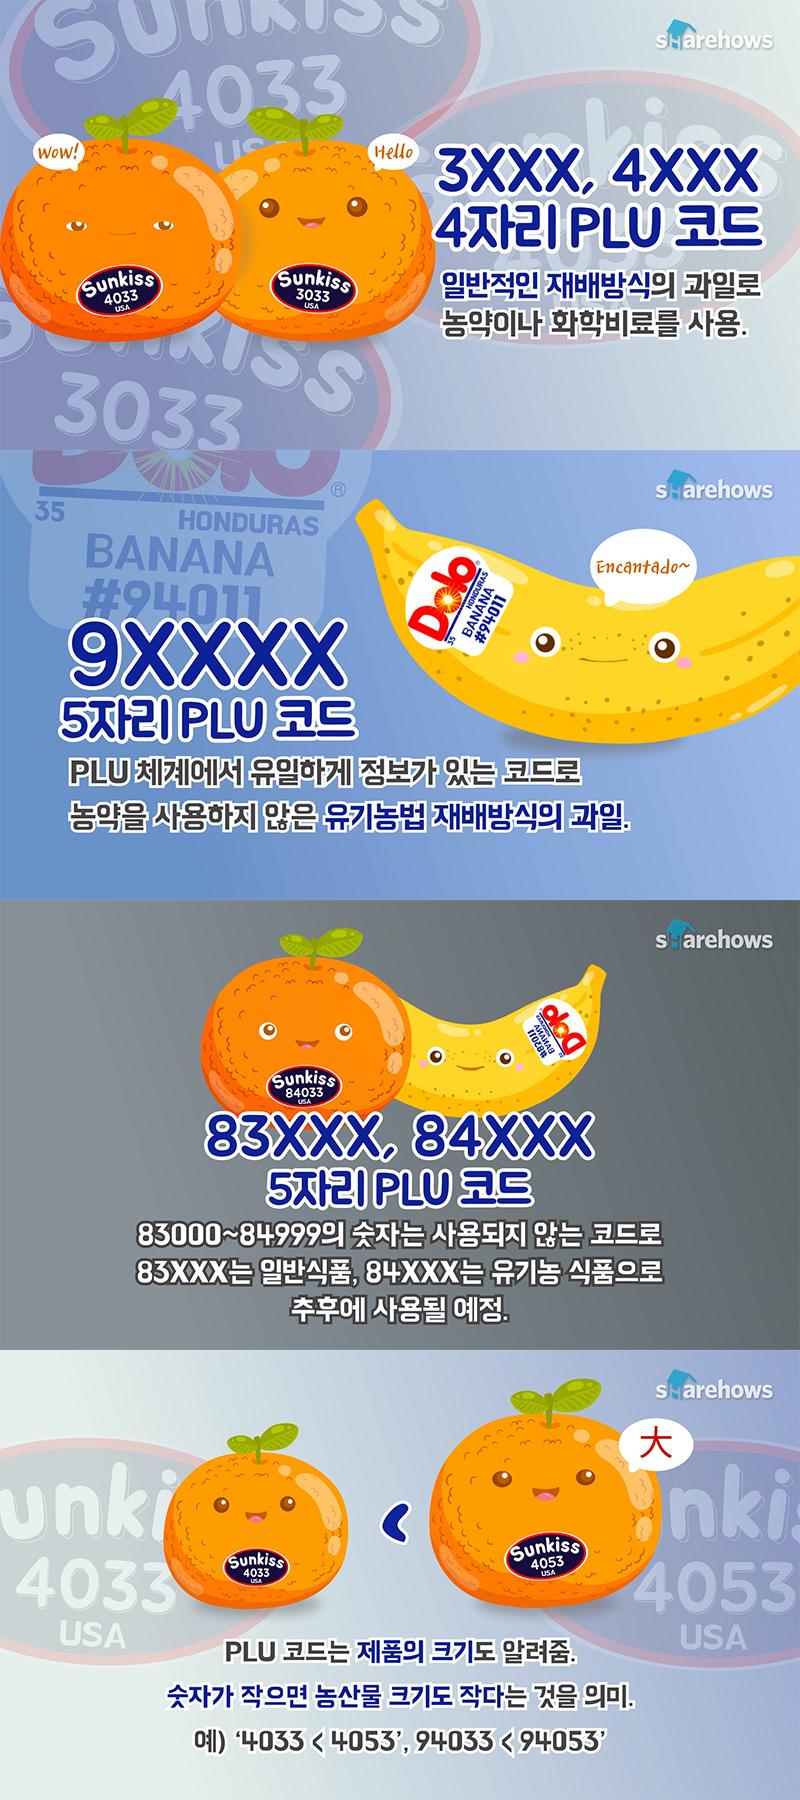 fruits-plu-code 02